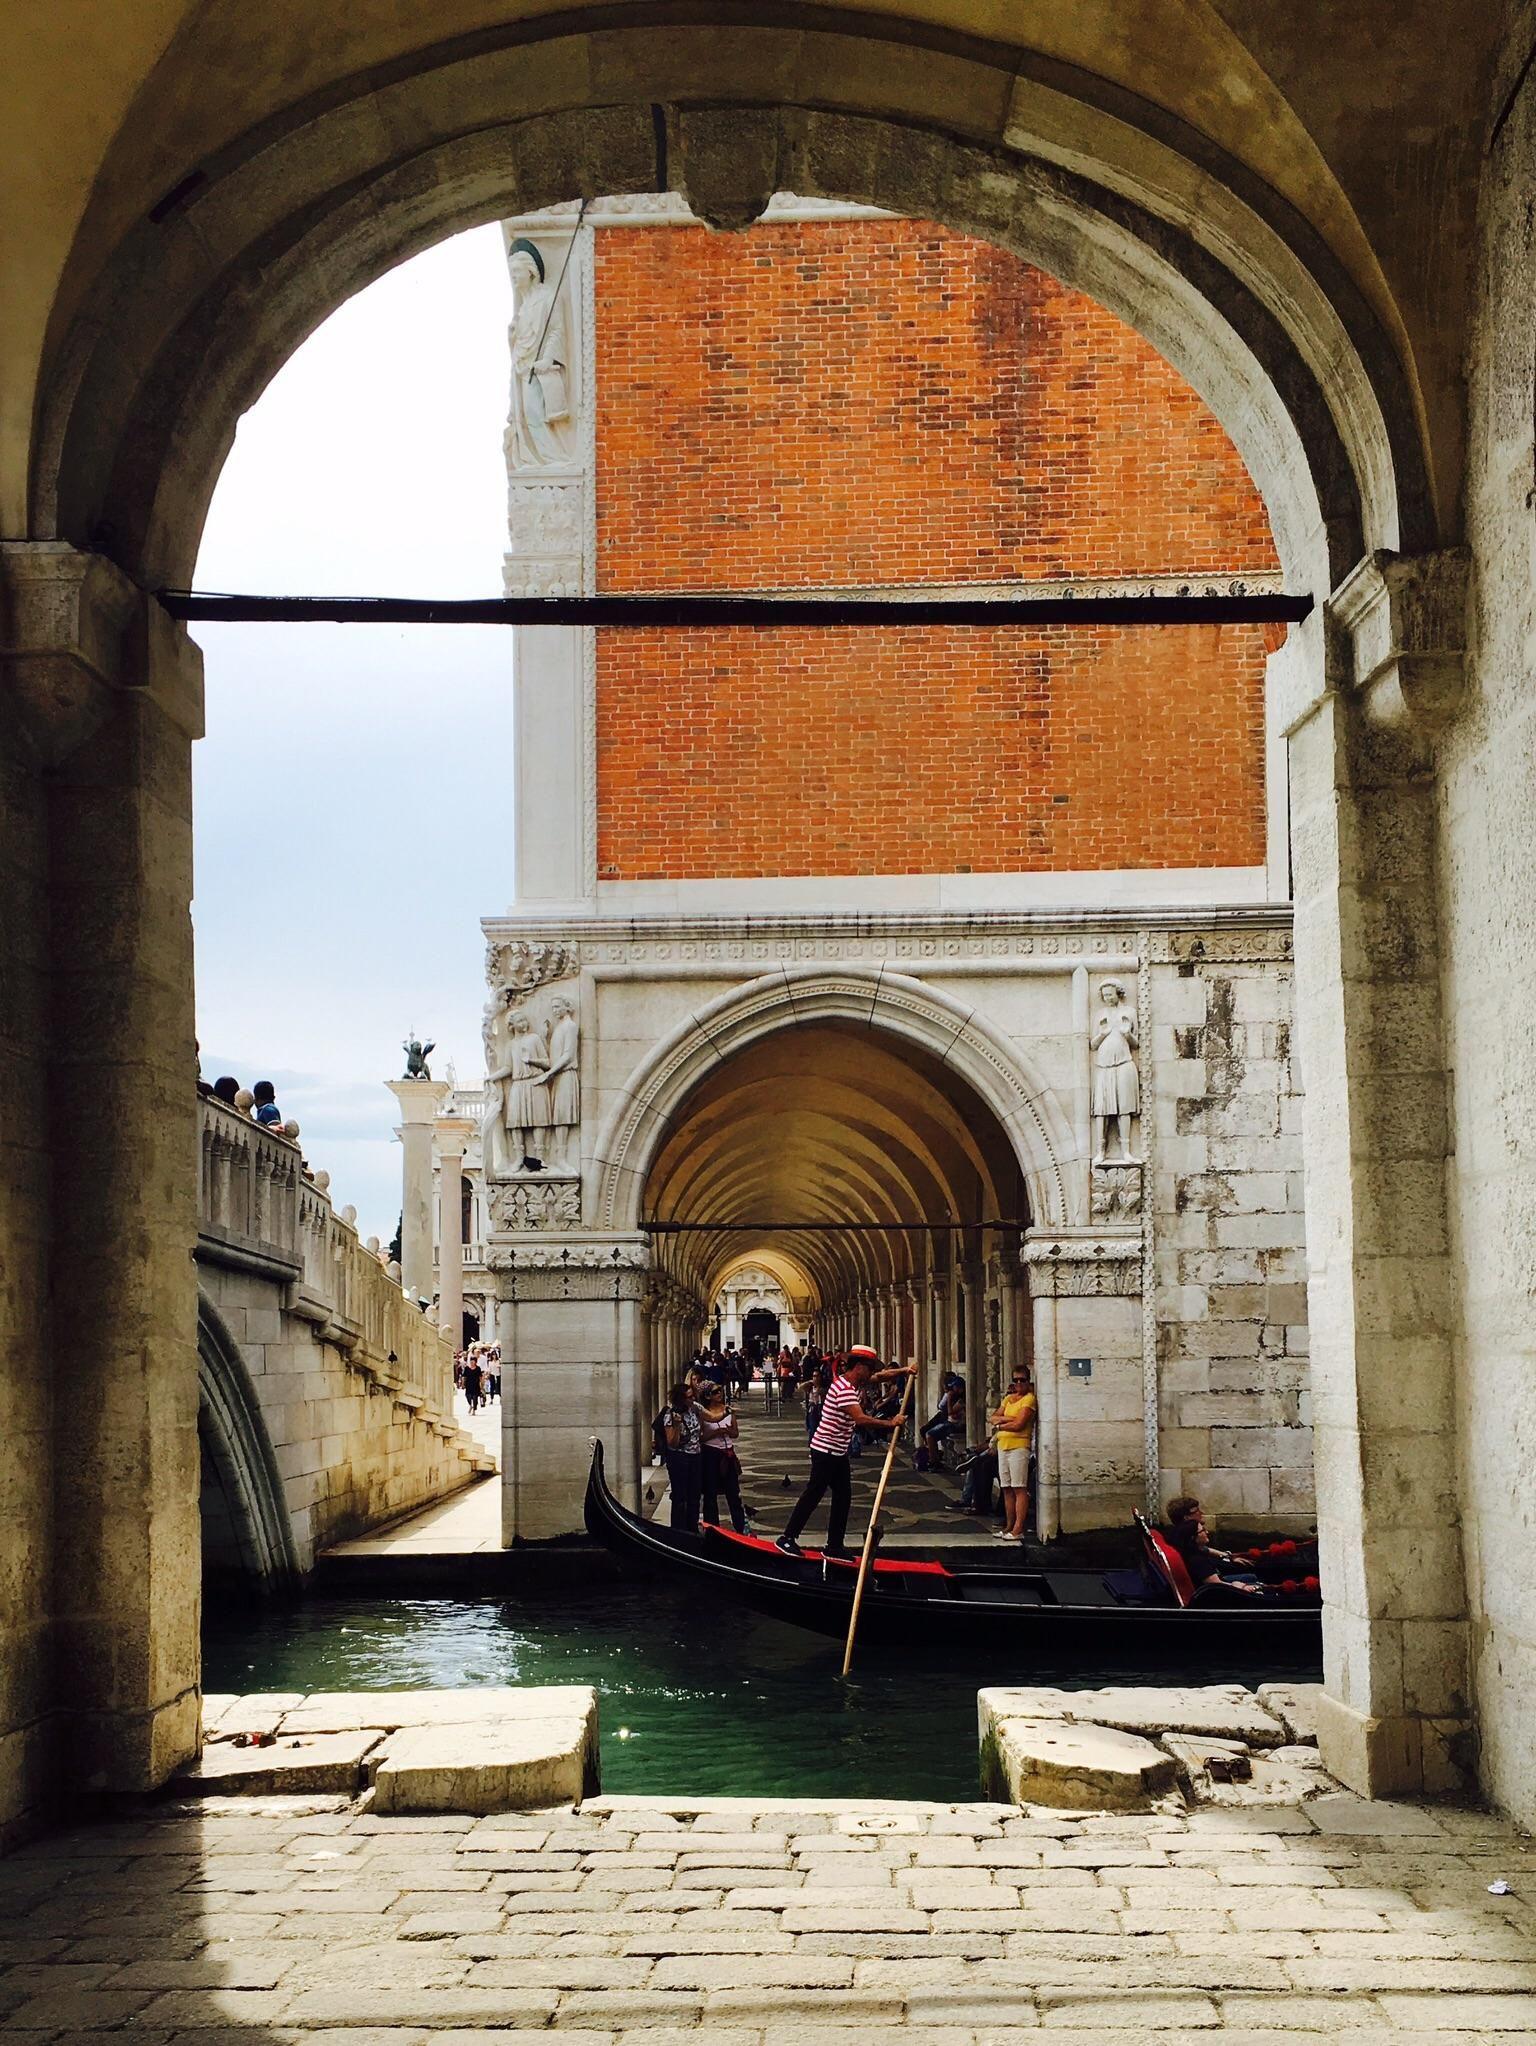 Gondalier in Venice Italy